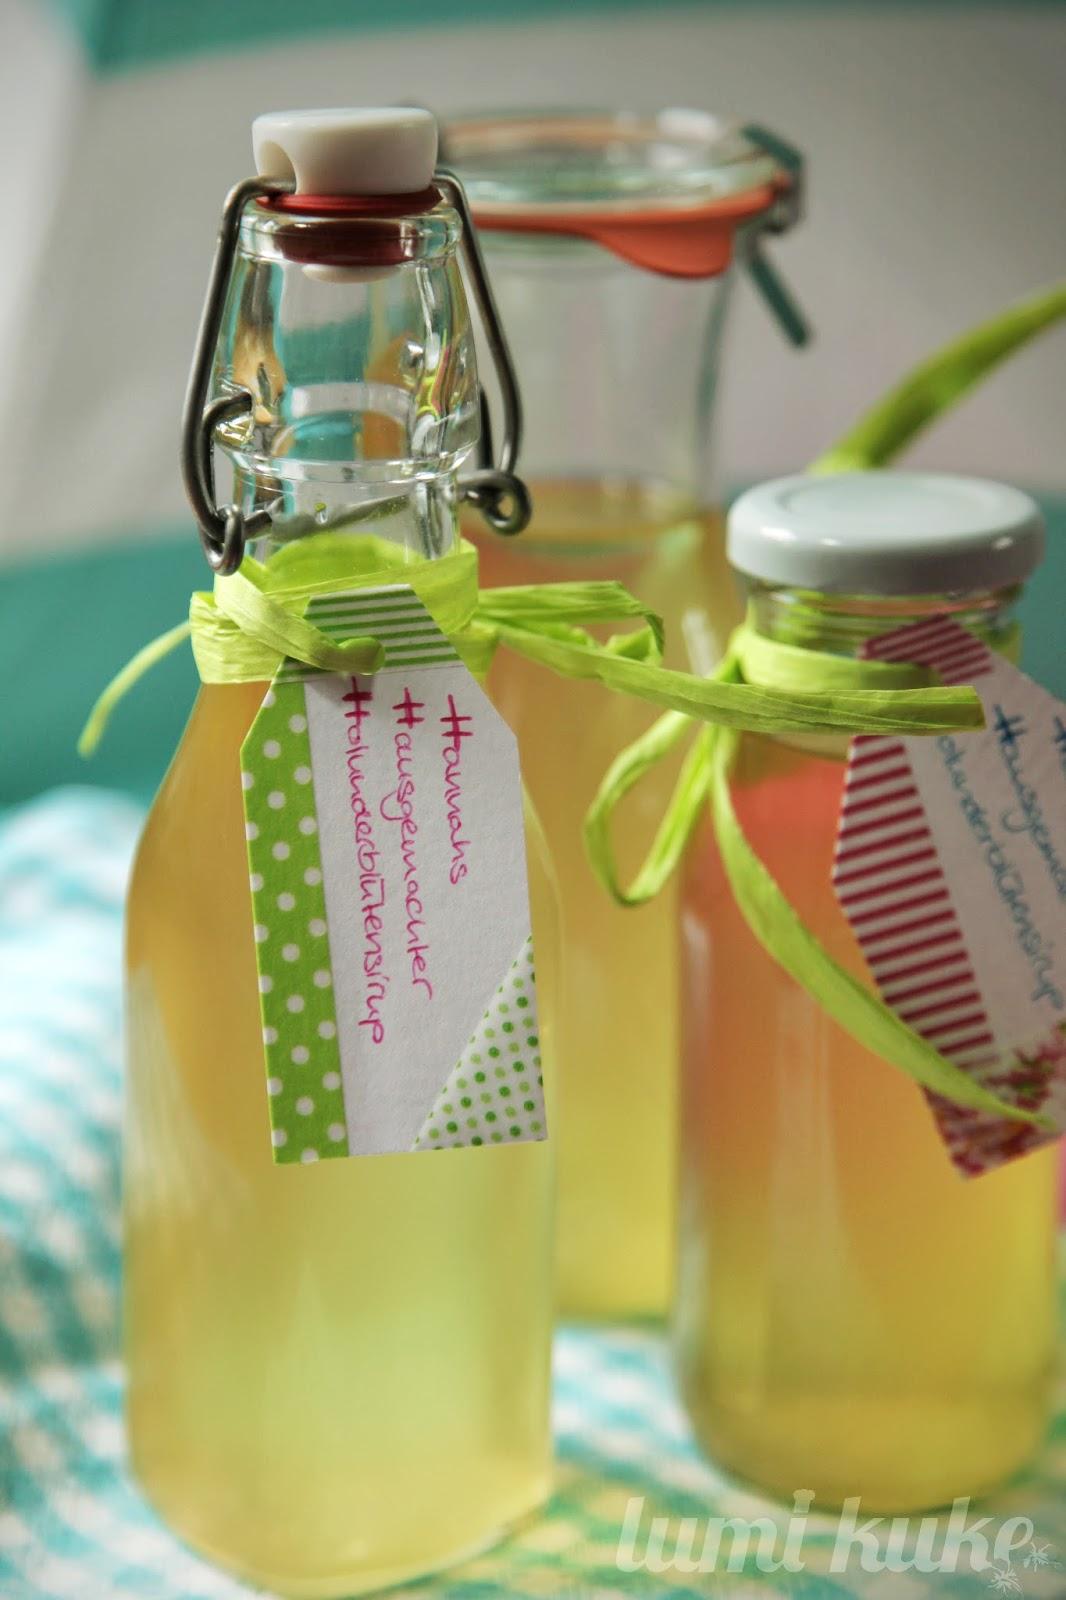 Holunderblütensirup mit Zitrone - selbst gemacht